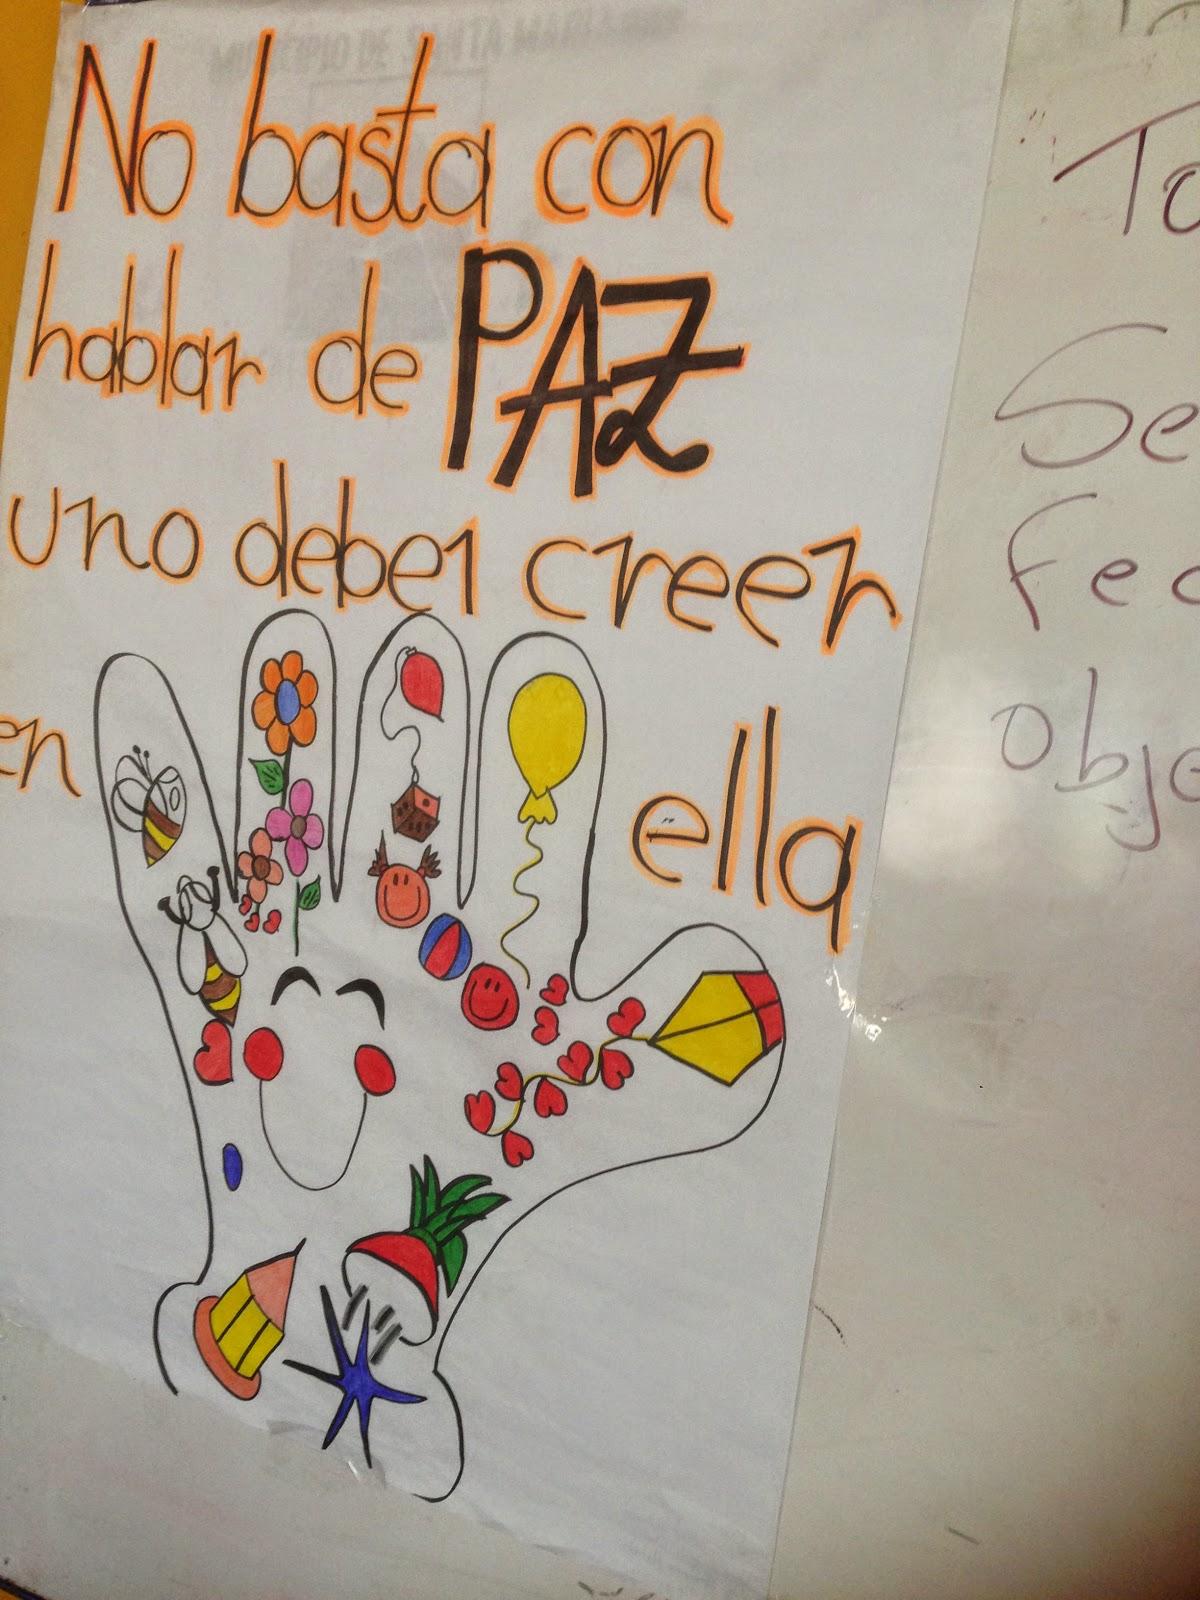 paz, los niños elaboraron carteleras con mensajes alusivos a la paz